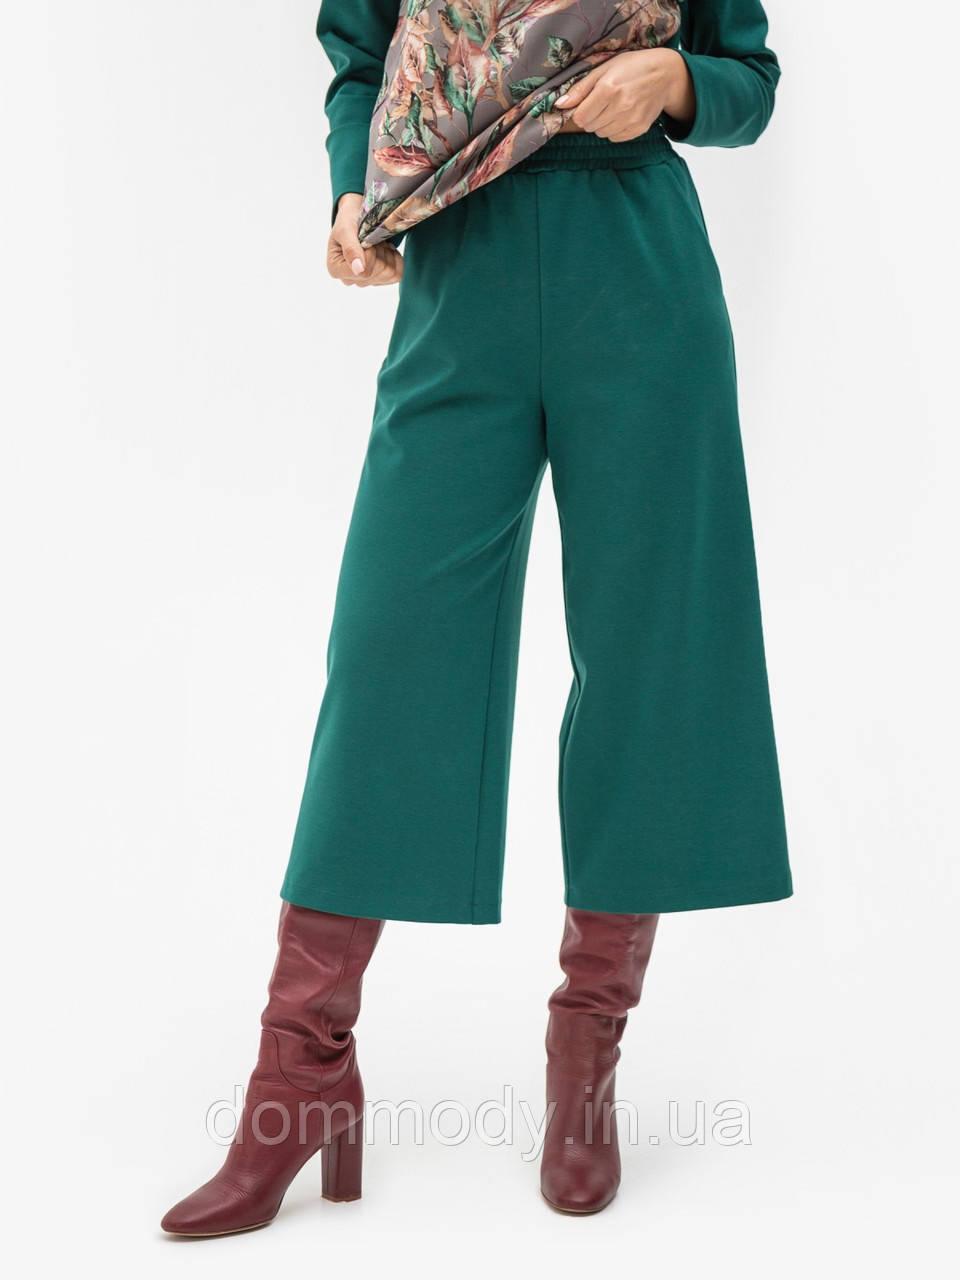 Брюки женские Patsy emerald